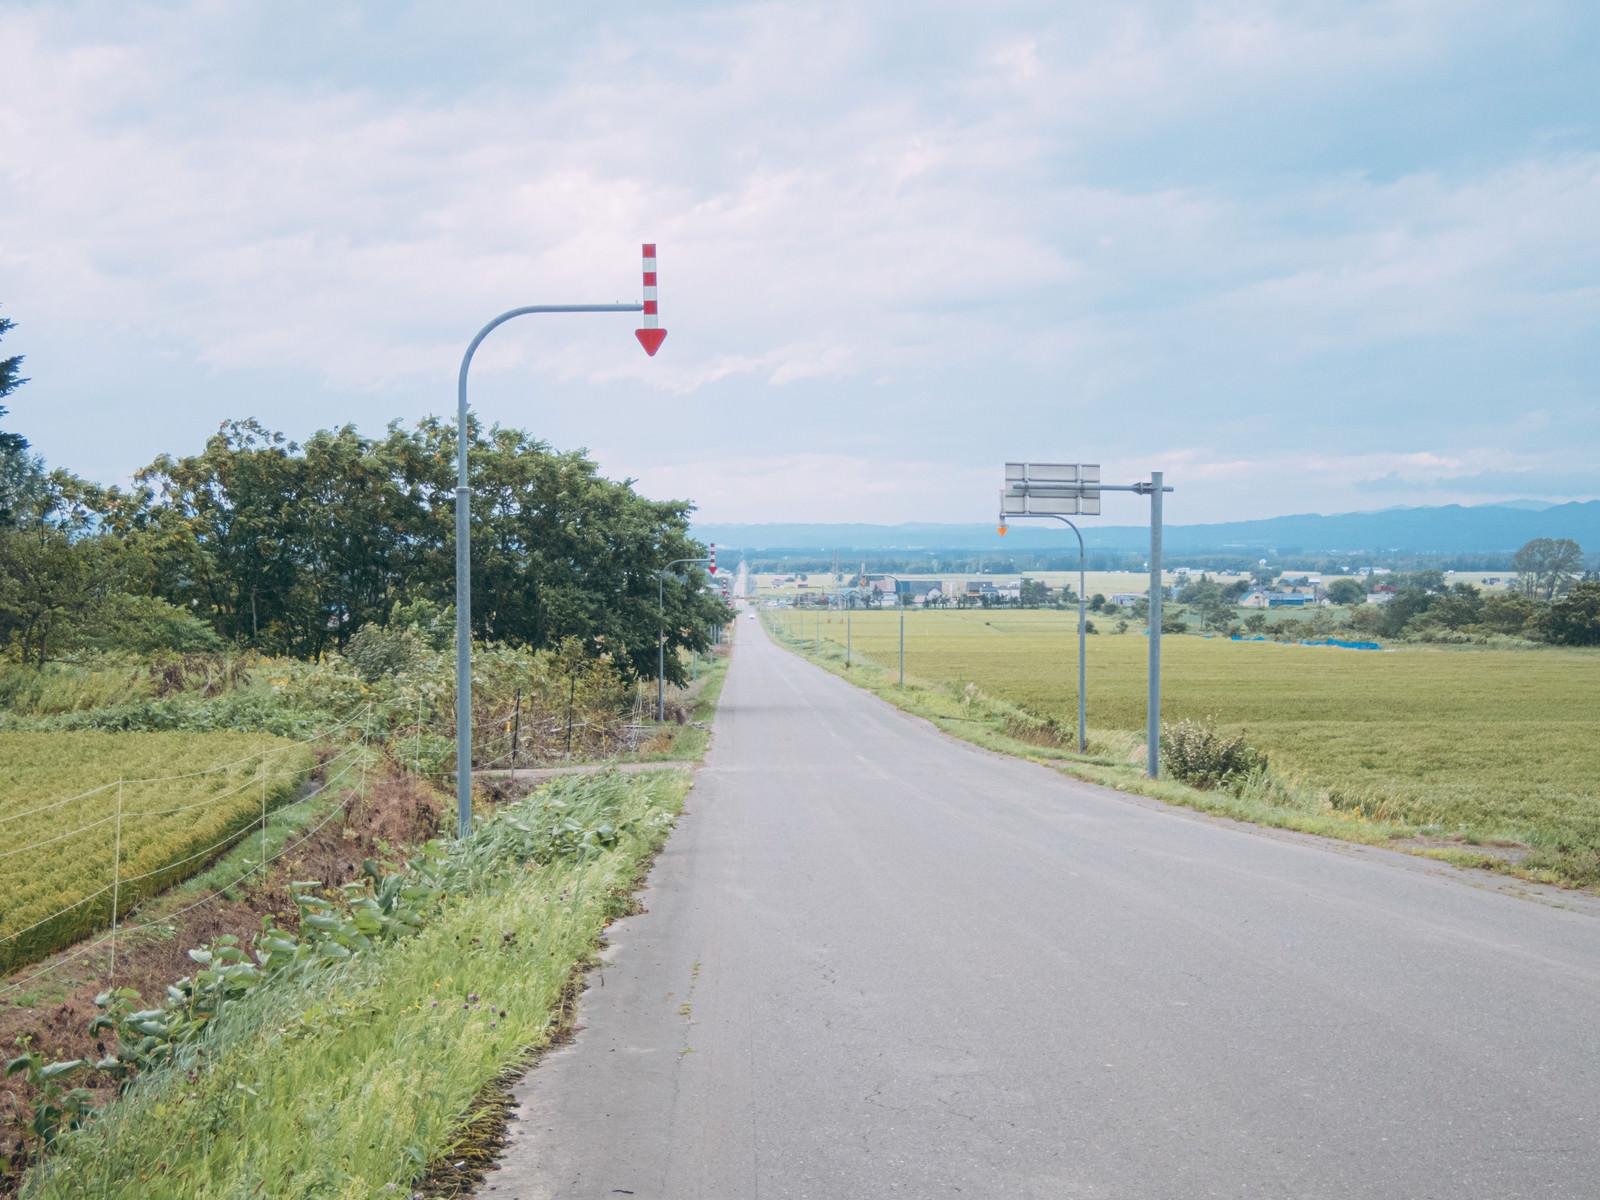 「北海道の長い一直線の道路と矢羽根付きポール」の写真